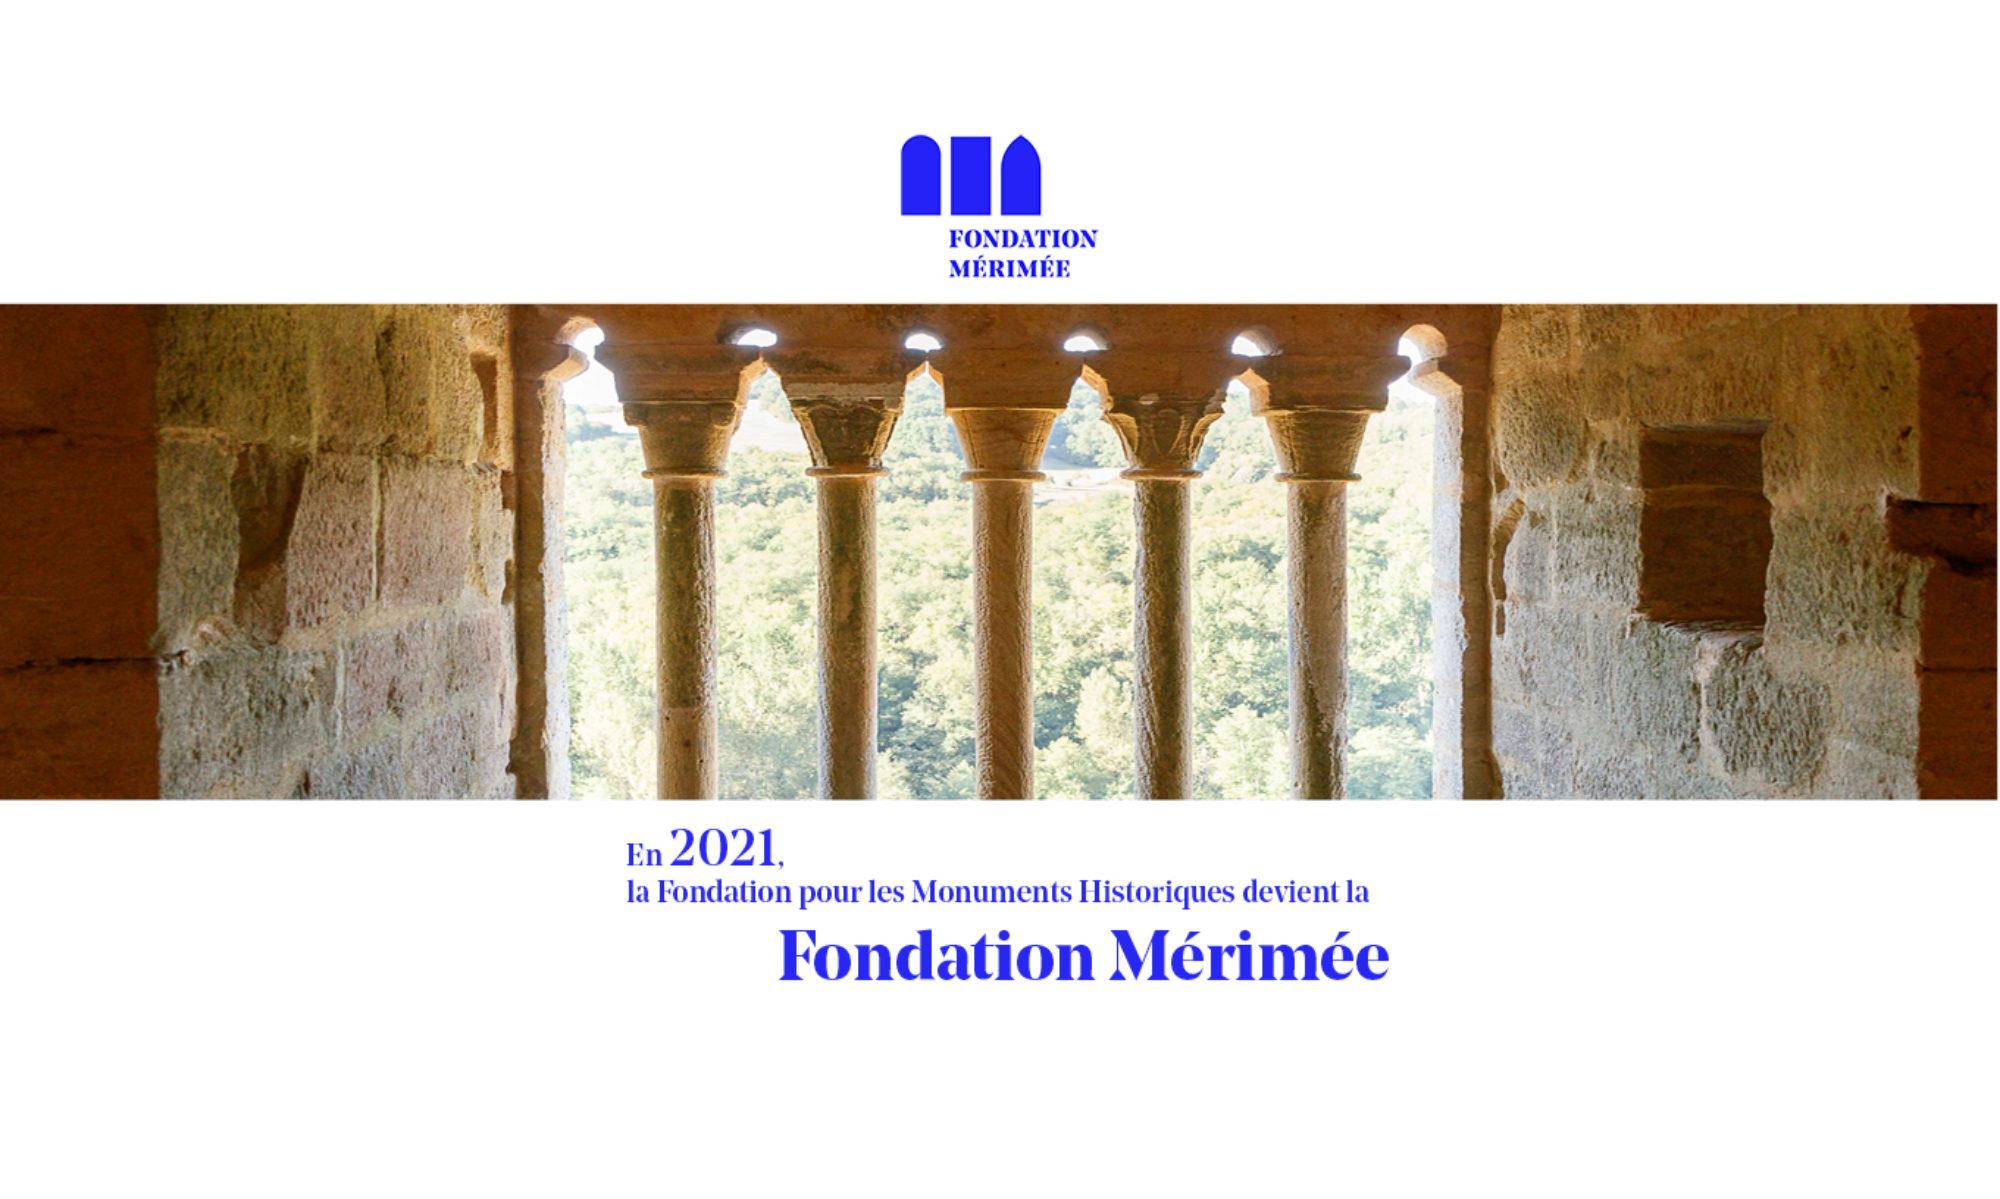 Fondation Mérimée pour les Monuments Historiques